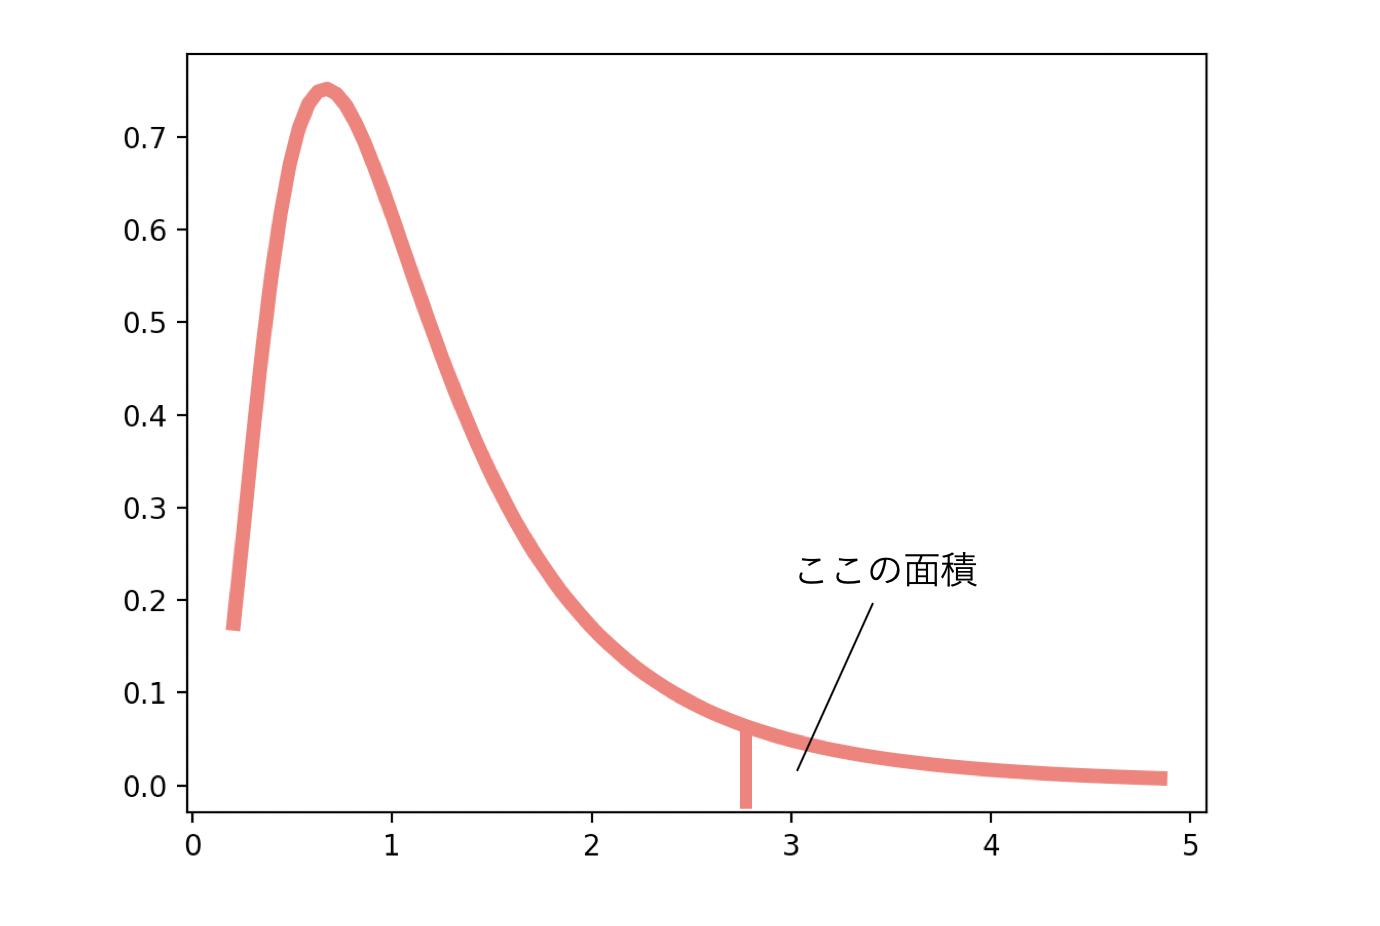 F検定の帰無仮説と対立仮説:P値が有意になったらどんな結論?